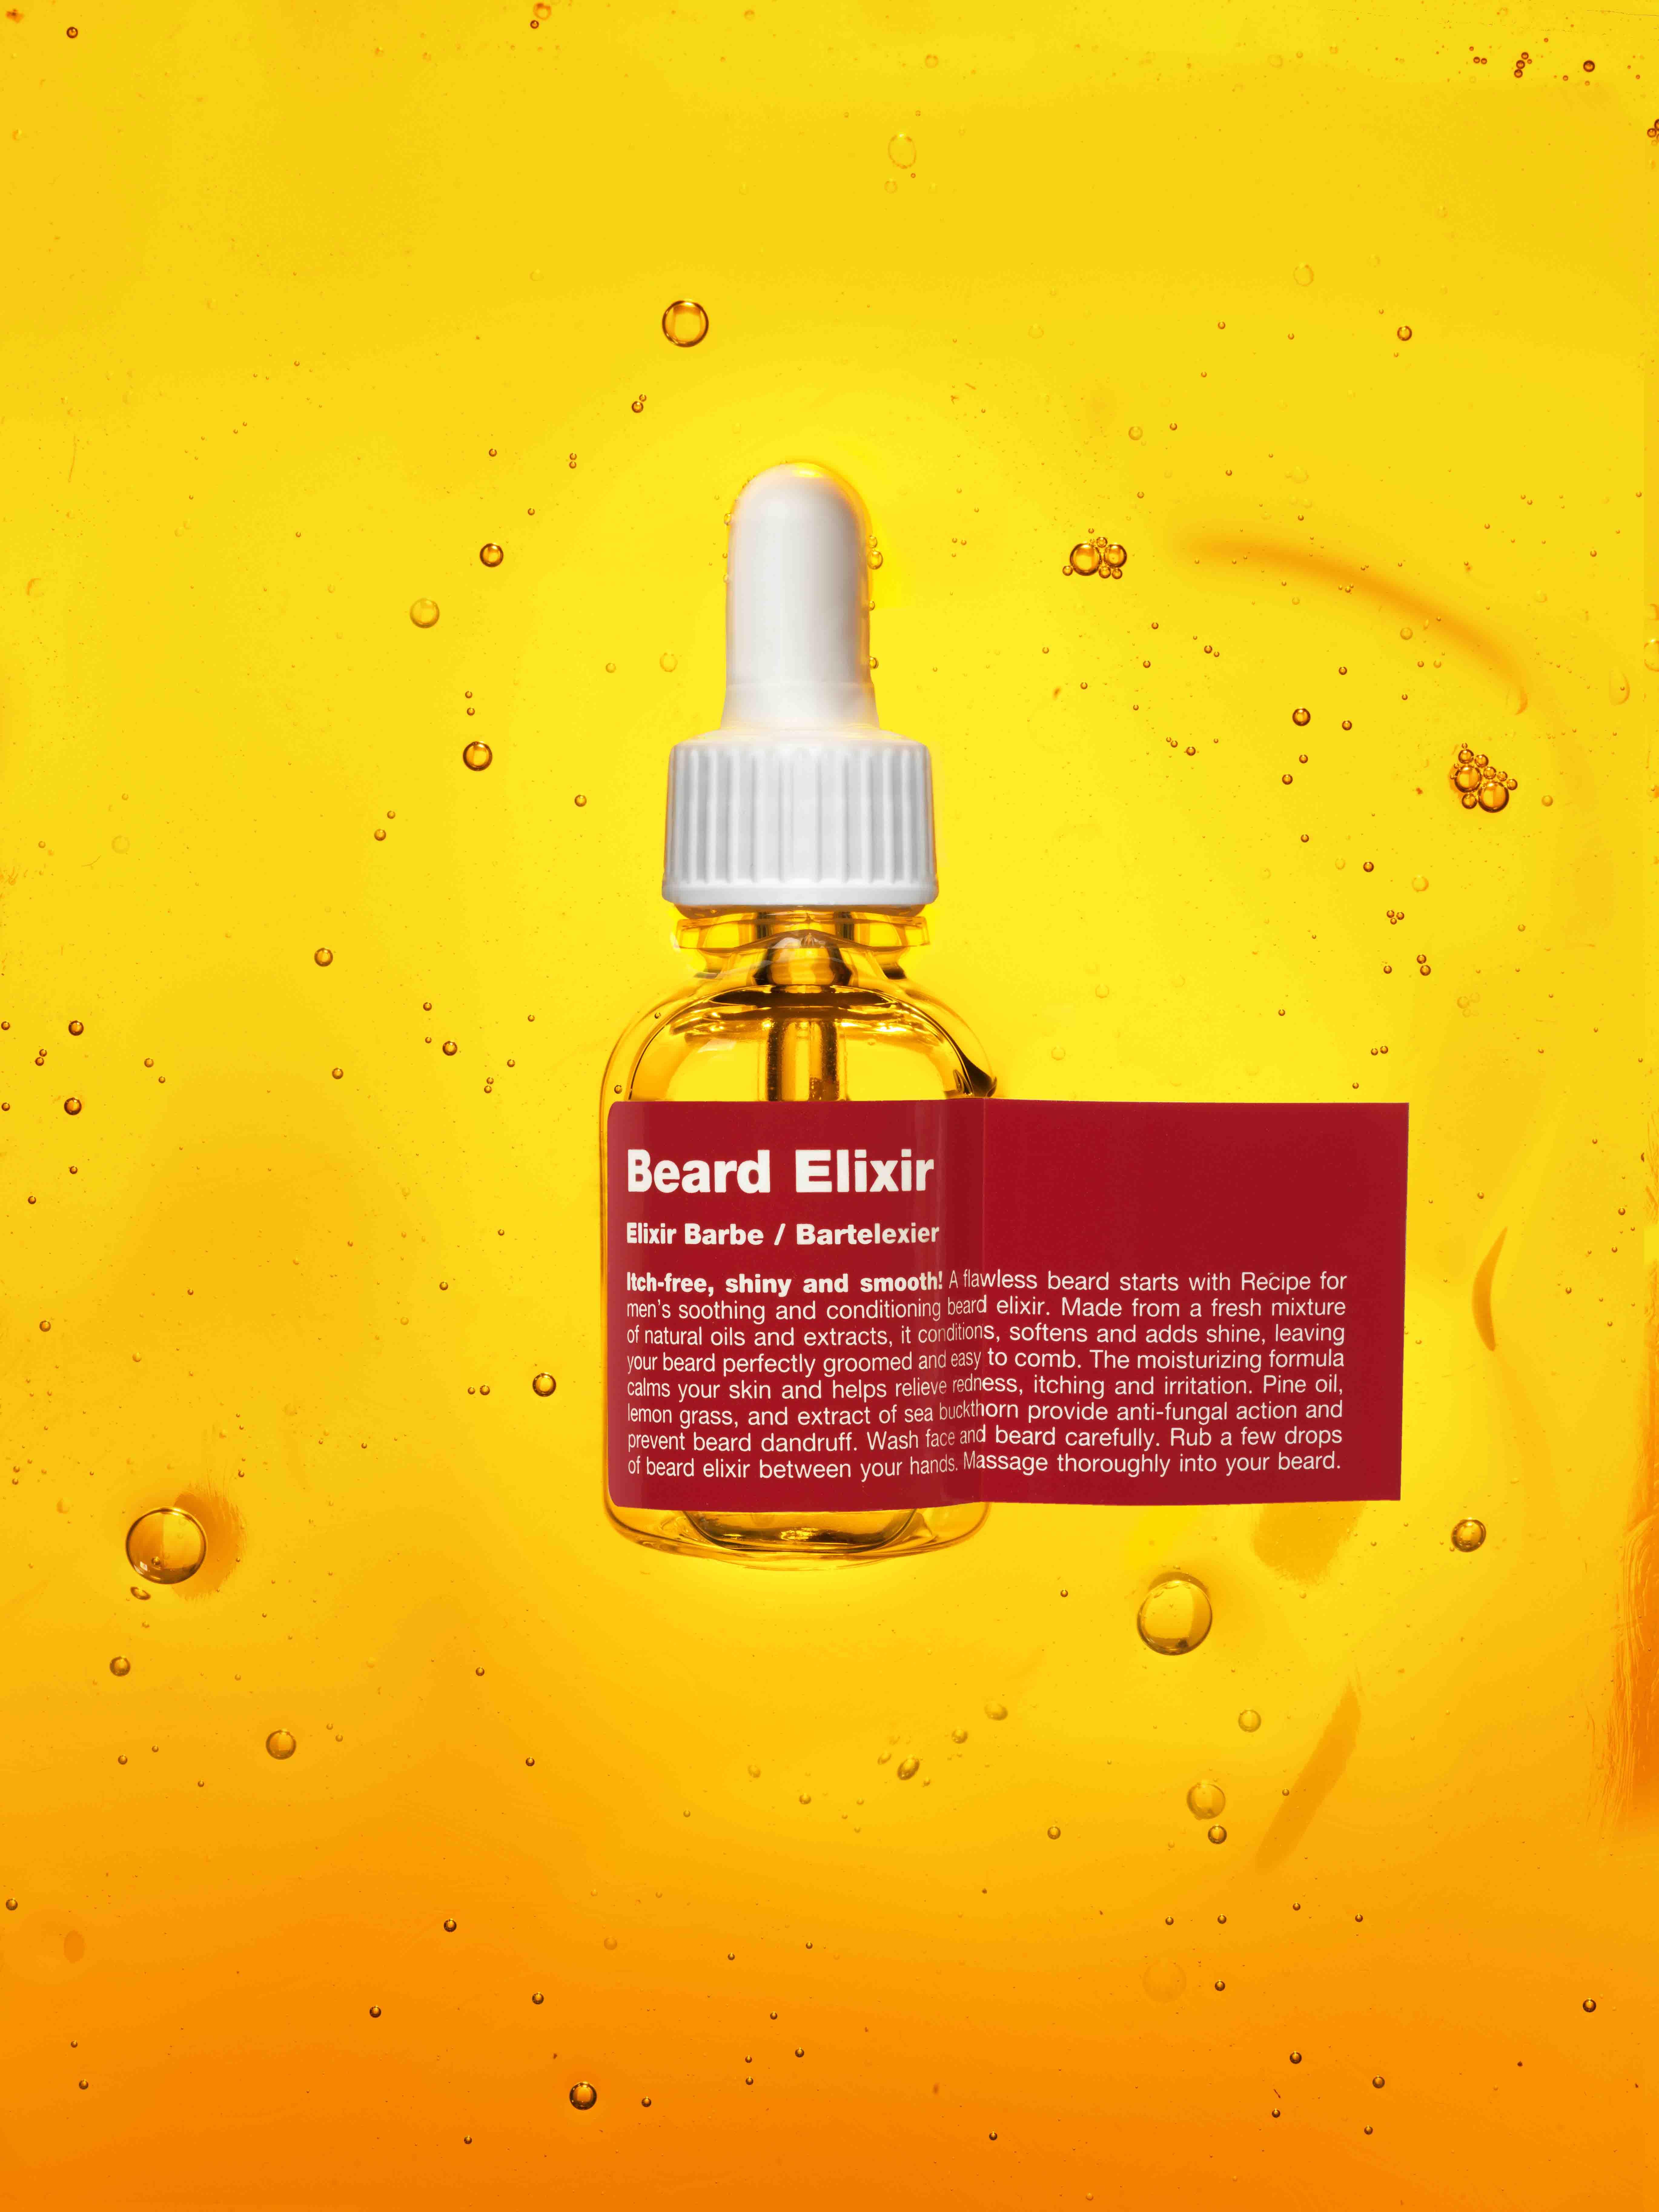 rfm beard elixir  - Como combater a pele oleosa